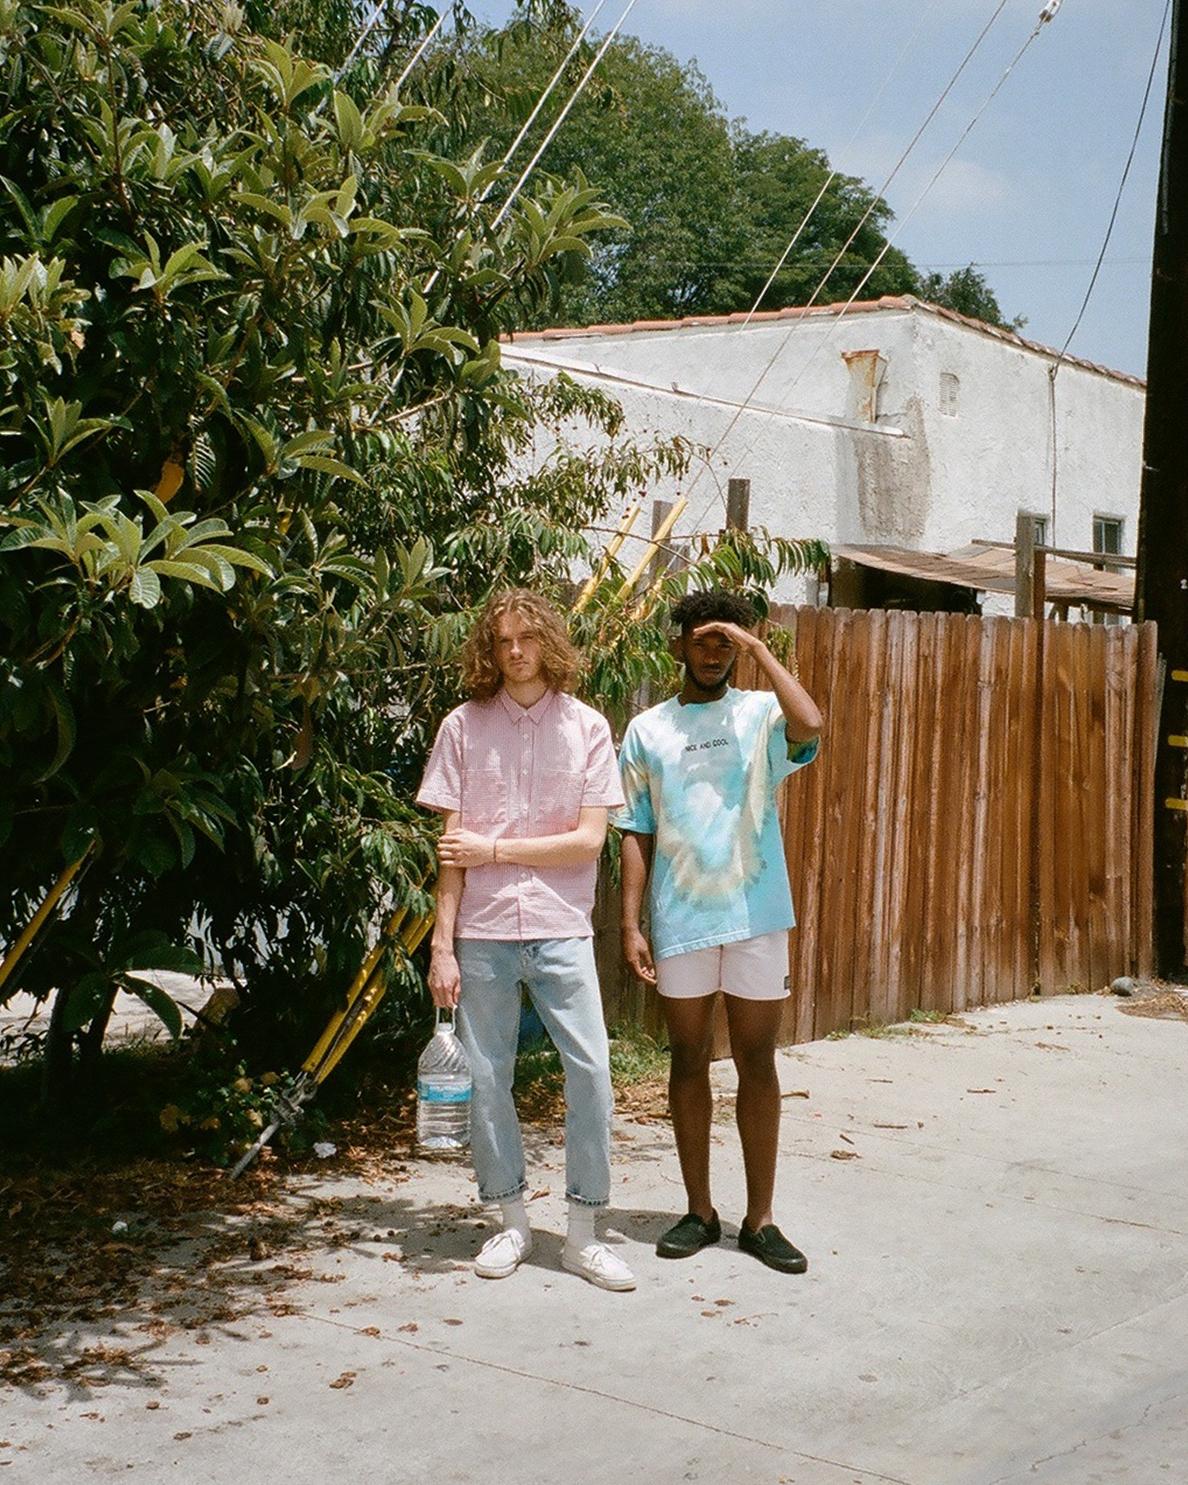 John and Demetrius alley_1a.jpg